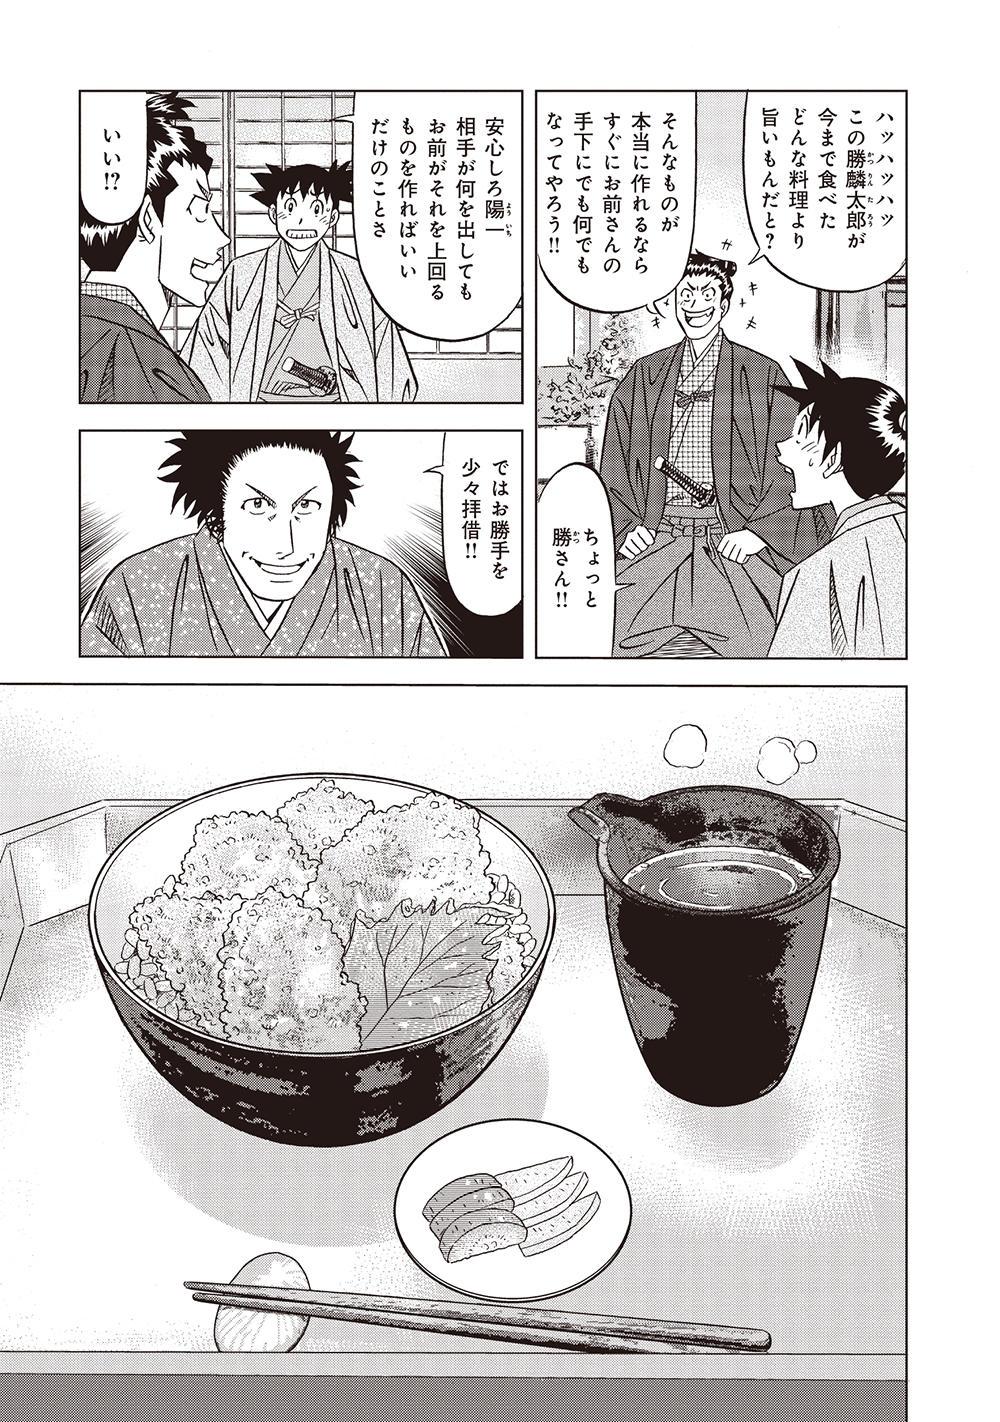 味っ子01_P131.jpg